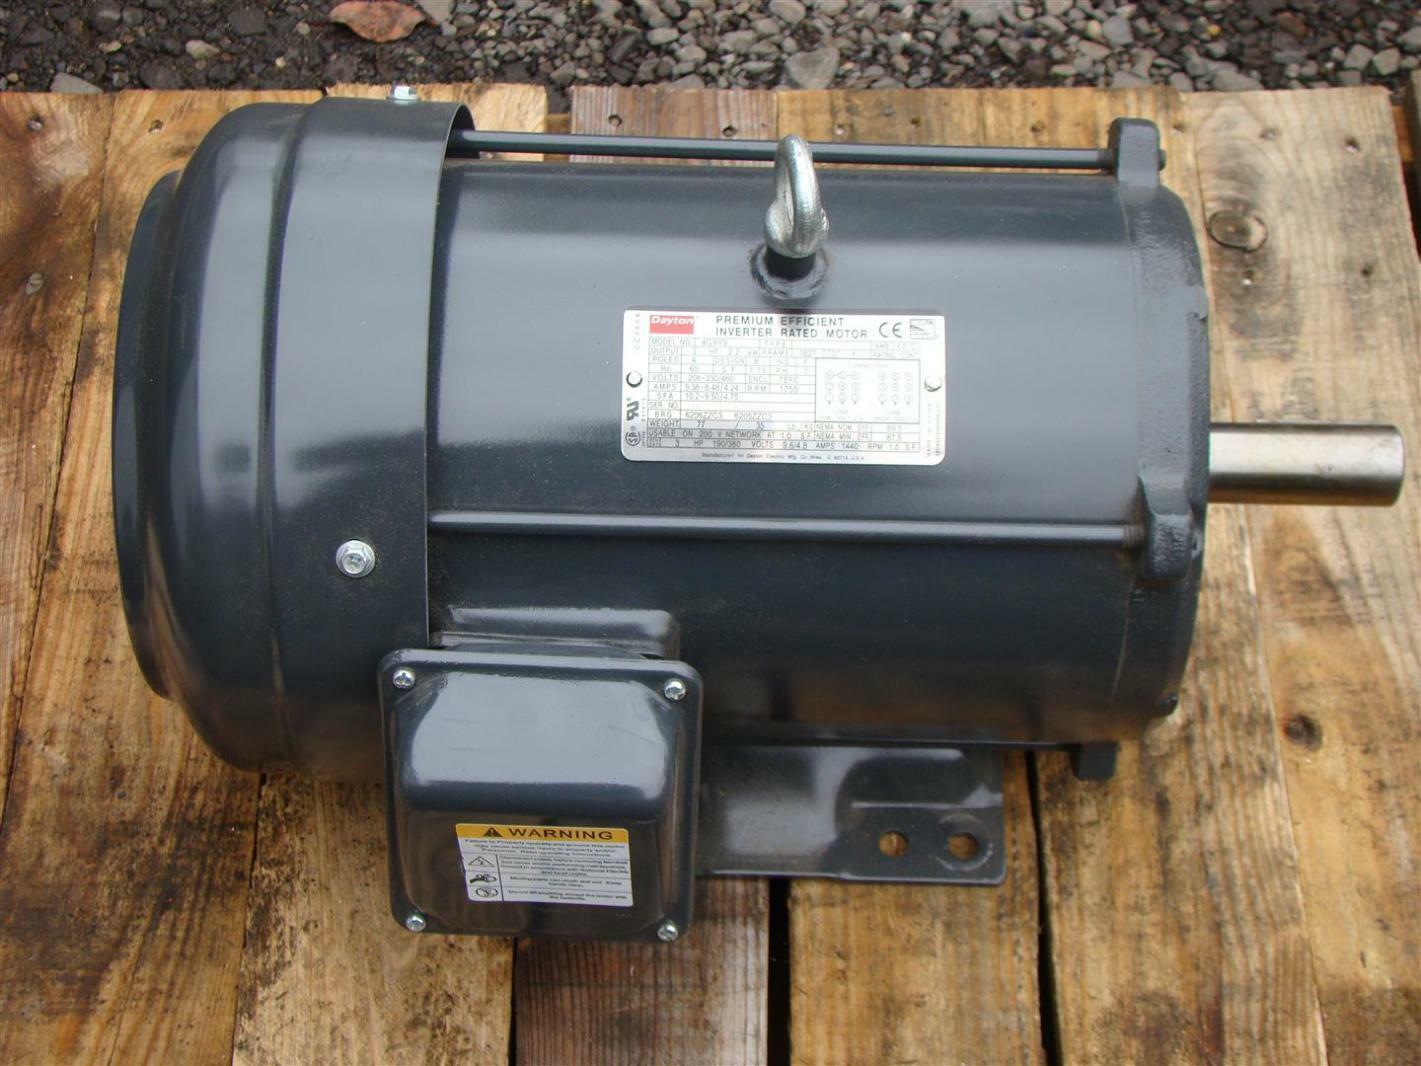 Dayton 3hp Inverter Duty Motor 208 230 460v 1755rpm 4gyy